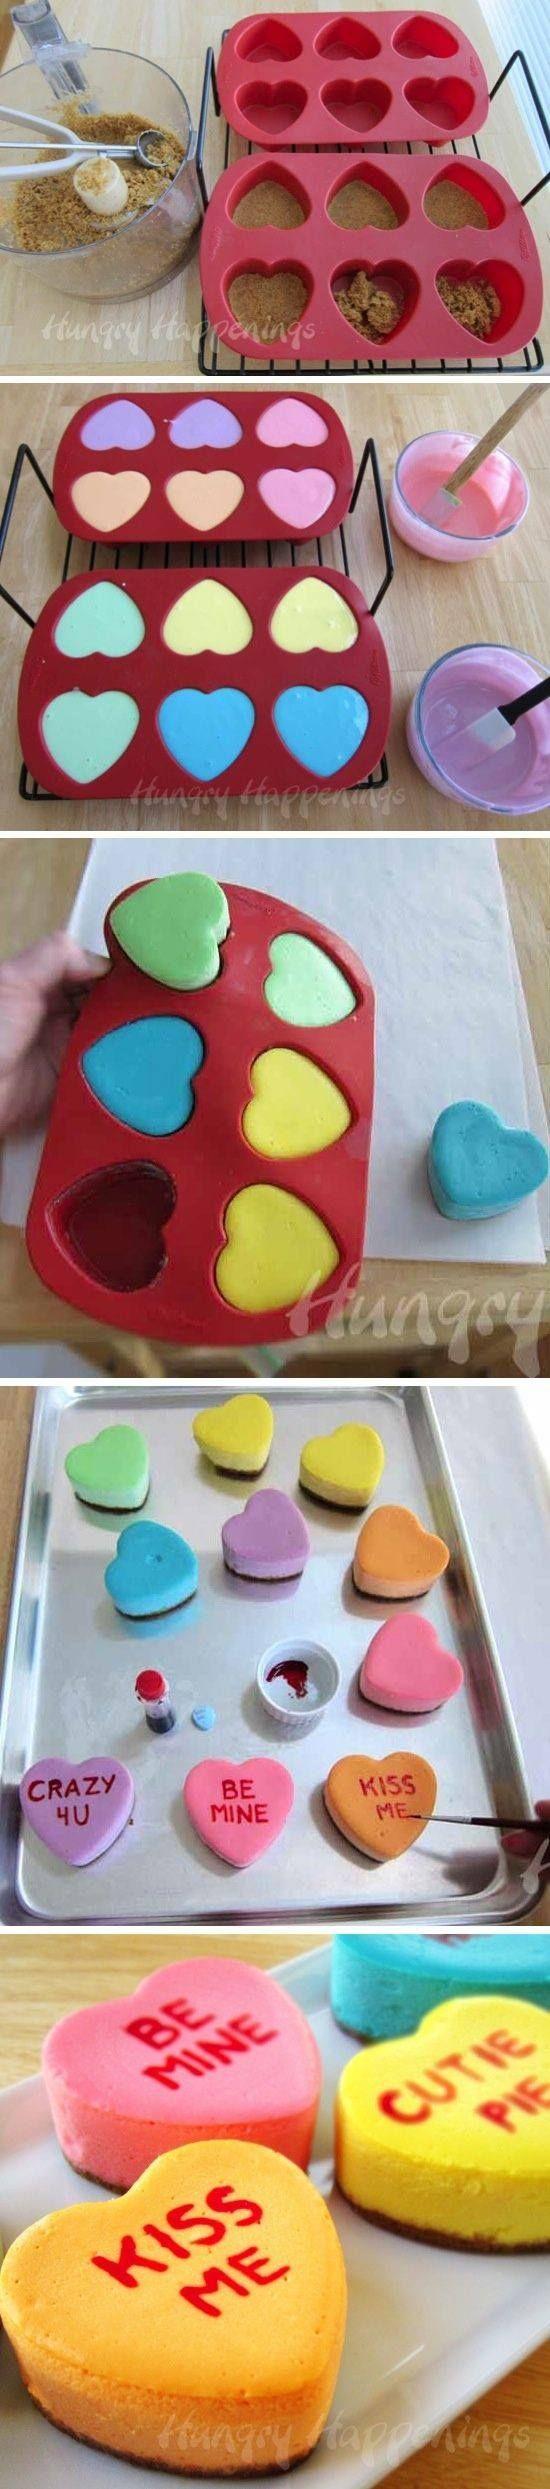 Cupcakes para 14 de febrero, 14 de febrero, bollitos para el 14 de febrero, cupcakes para el 14 de febrero, dia el amor y la amistad, que regalar el 14 de febrero, regalos de san valentin, regalos para novios, regalos para el 14 de febrero, regalos para mi novio, regalos para mi novia, diseño de cupcakes para el 14 de febrero, cupcakes para san valentin, cupcakes design for February 14, cupcakes for valentines #diadelamorylaamistad #diadesanvalentin #regalosparanovios